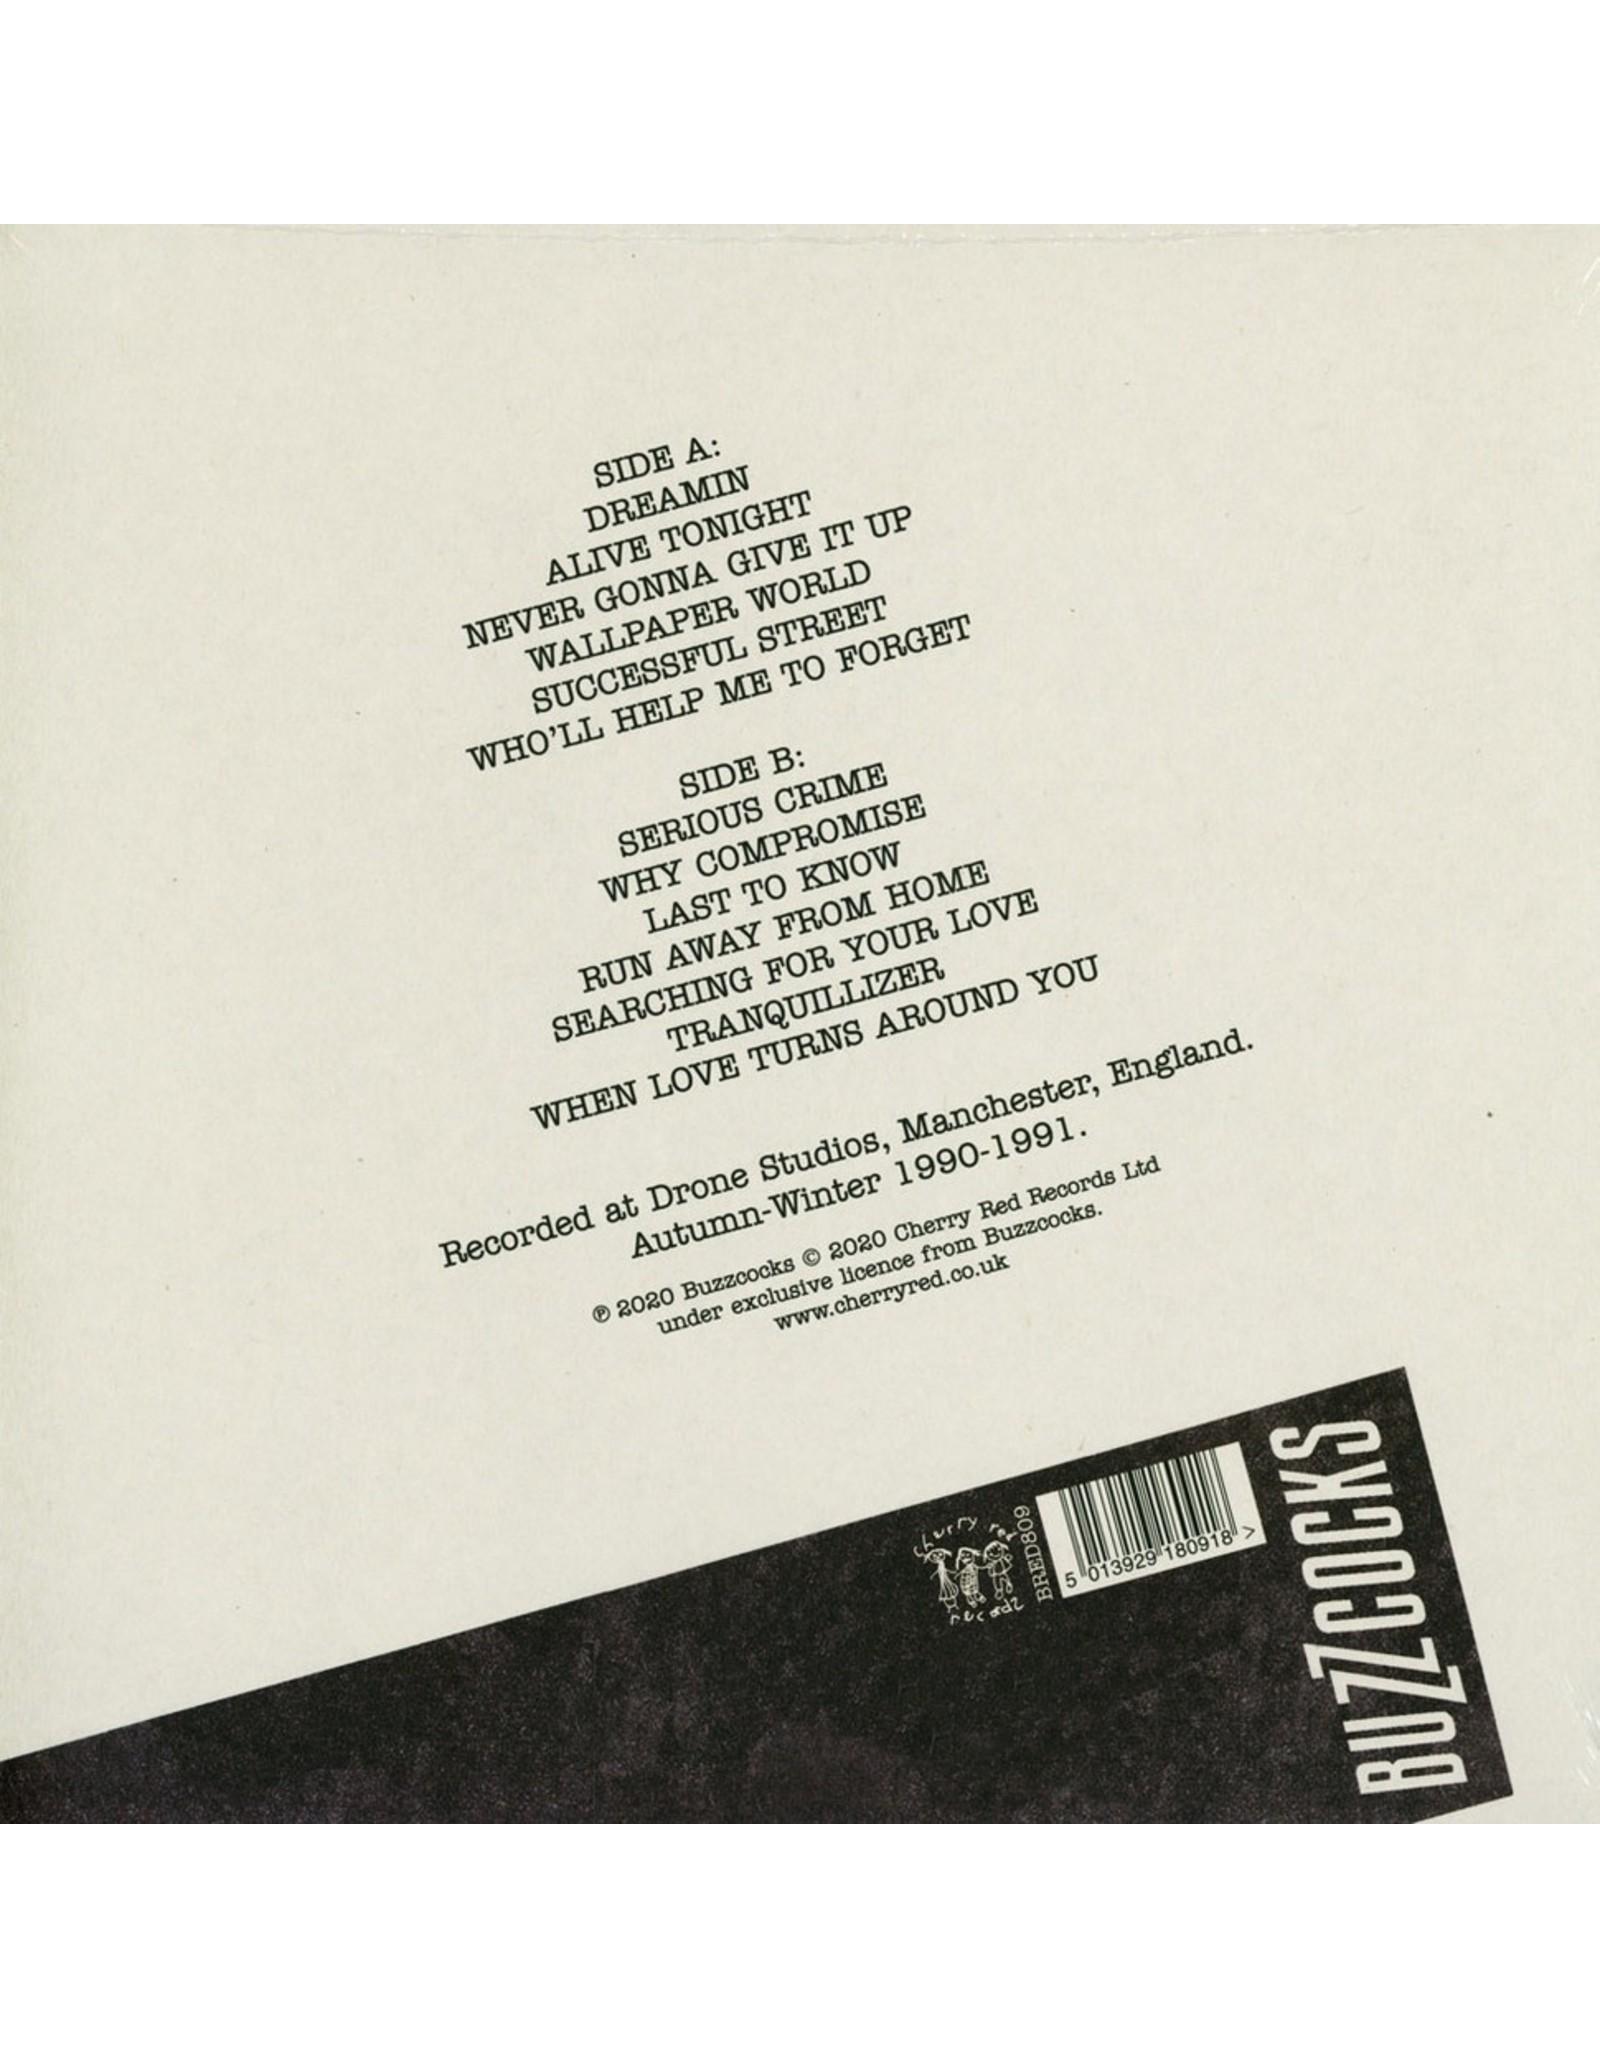 Buzzcocks - The 1991 Demo Album